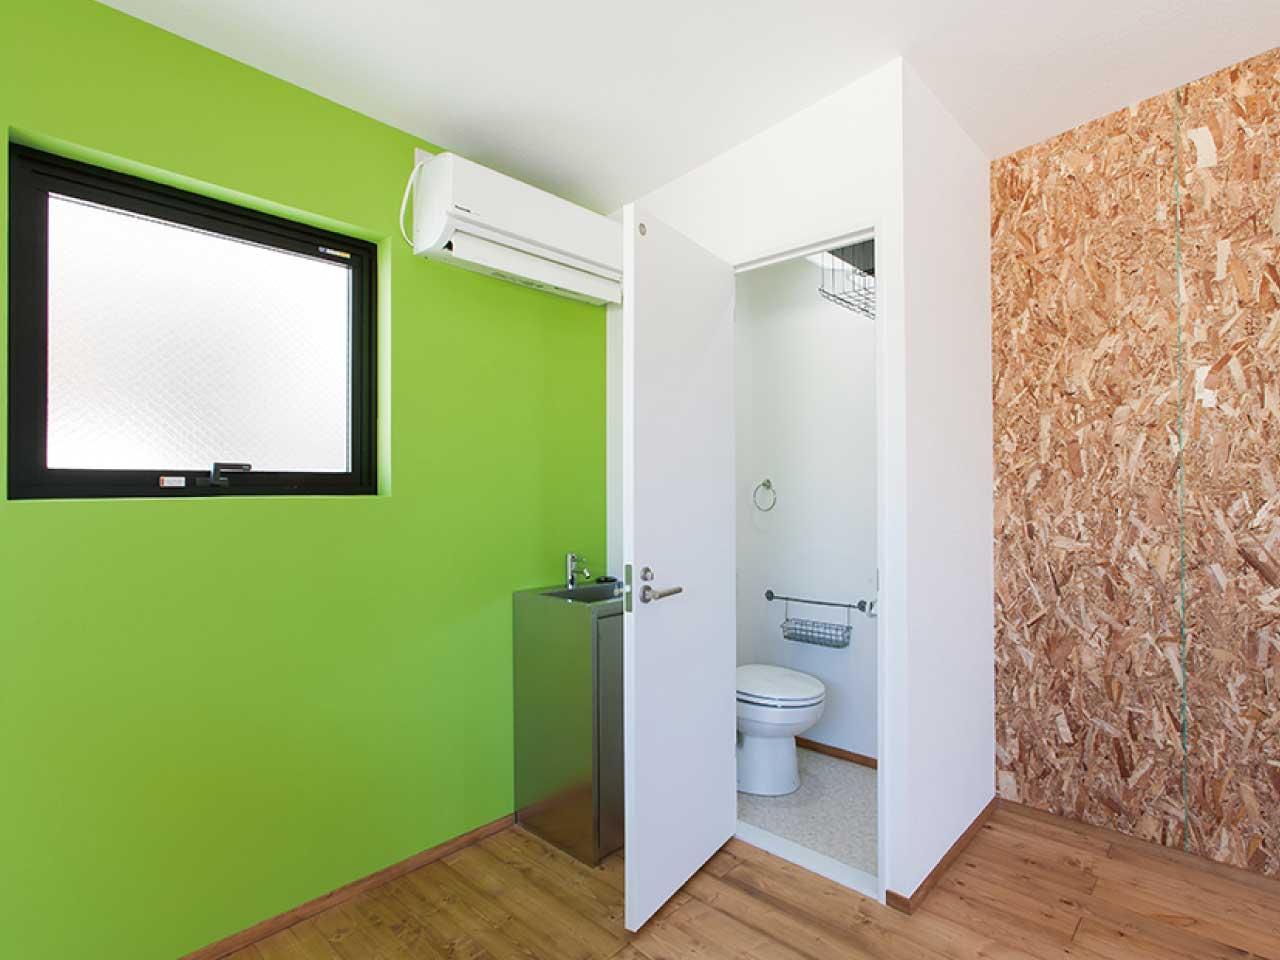 ライゼホビー(都市型賃貸ホビースペース)の土地活用の事例。トイレやシンク、インターネットも完備。